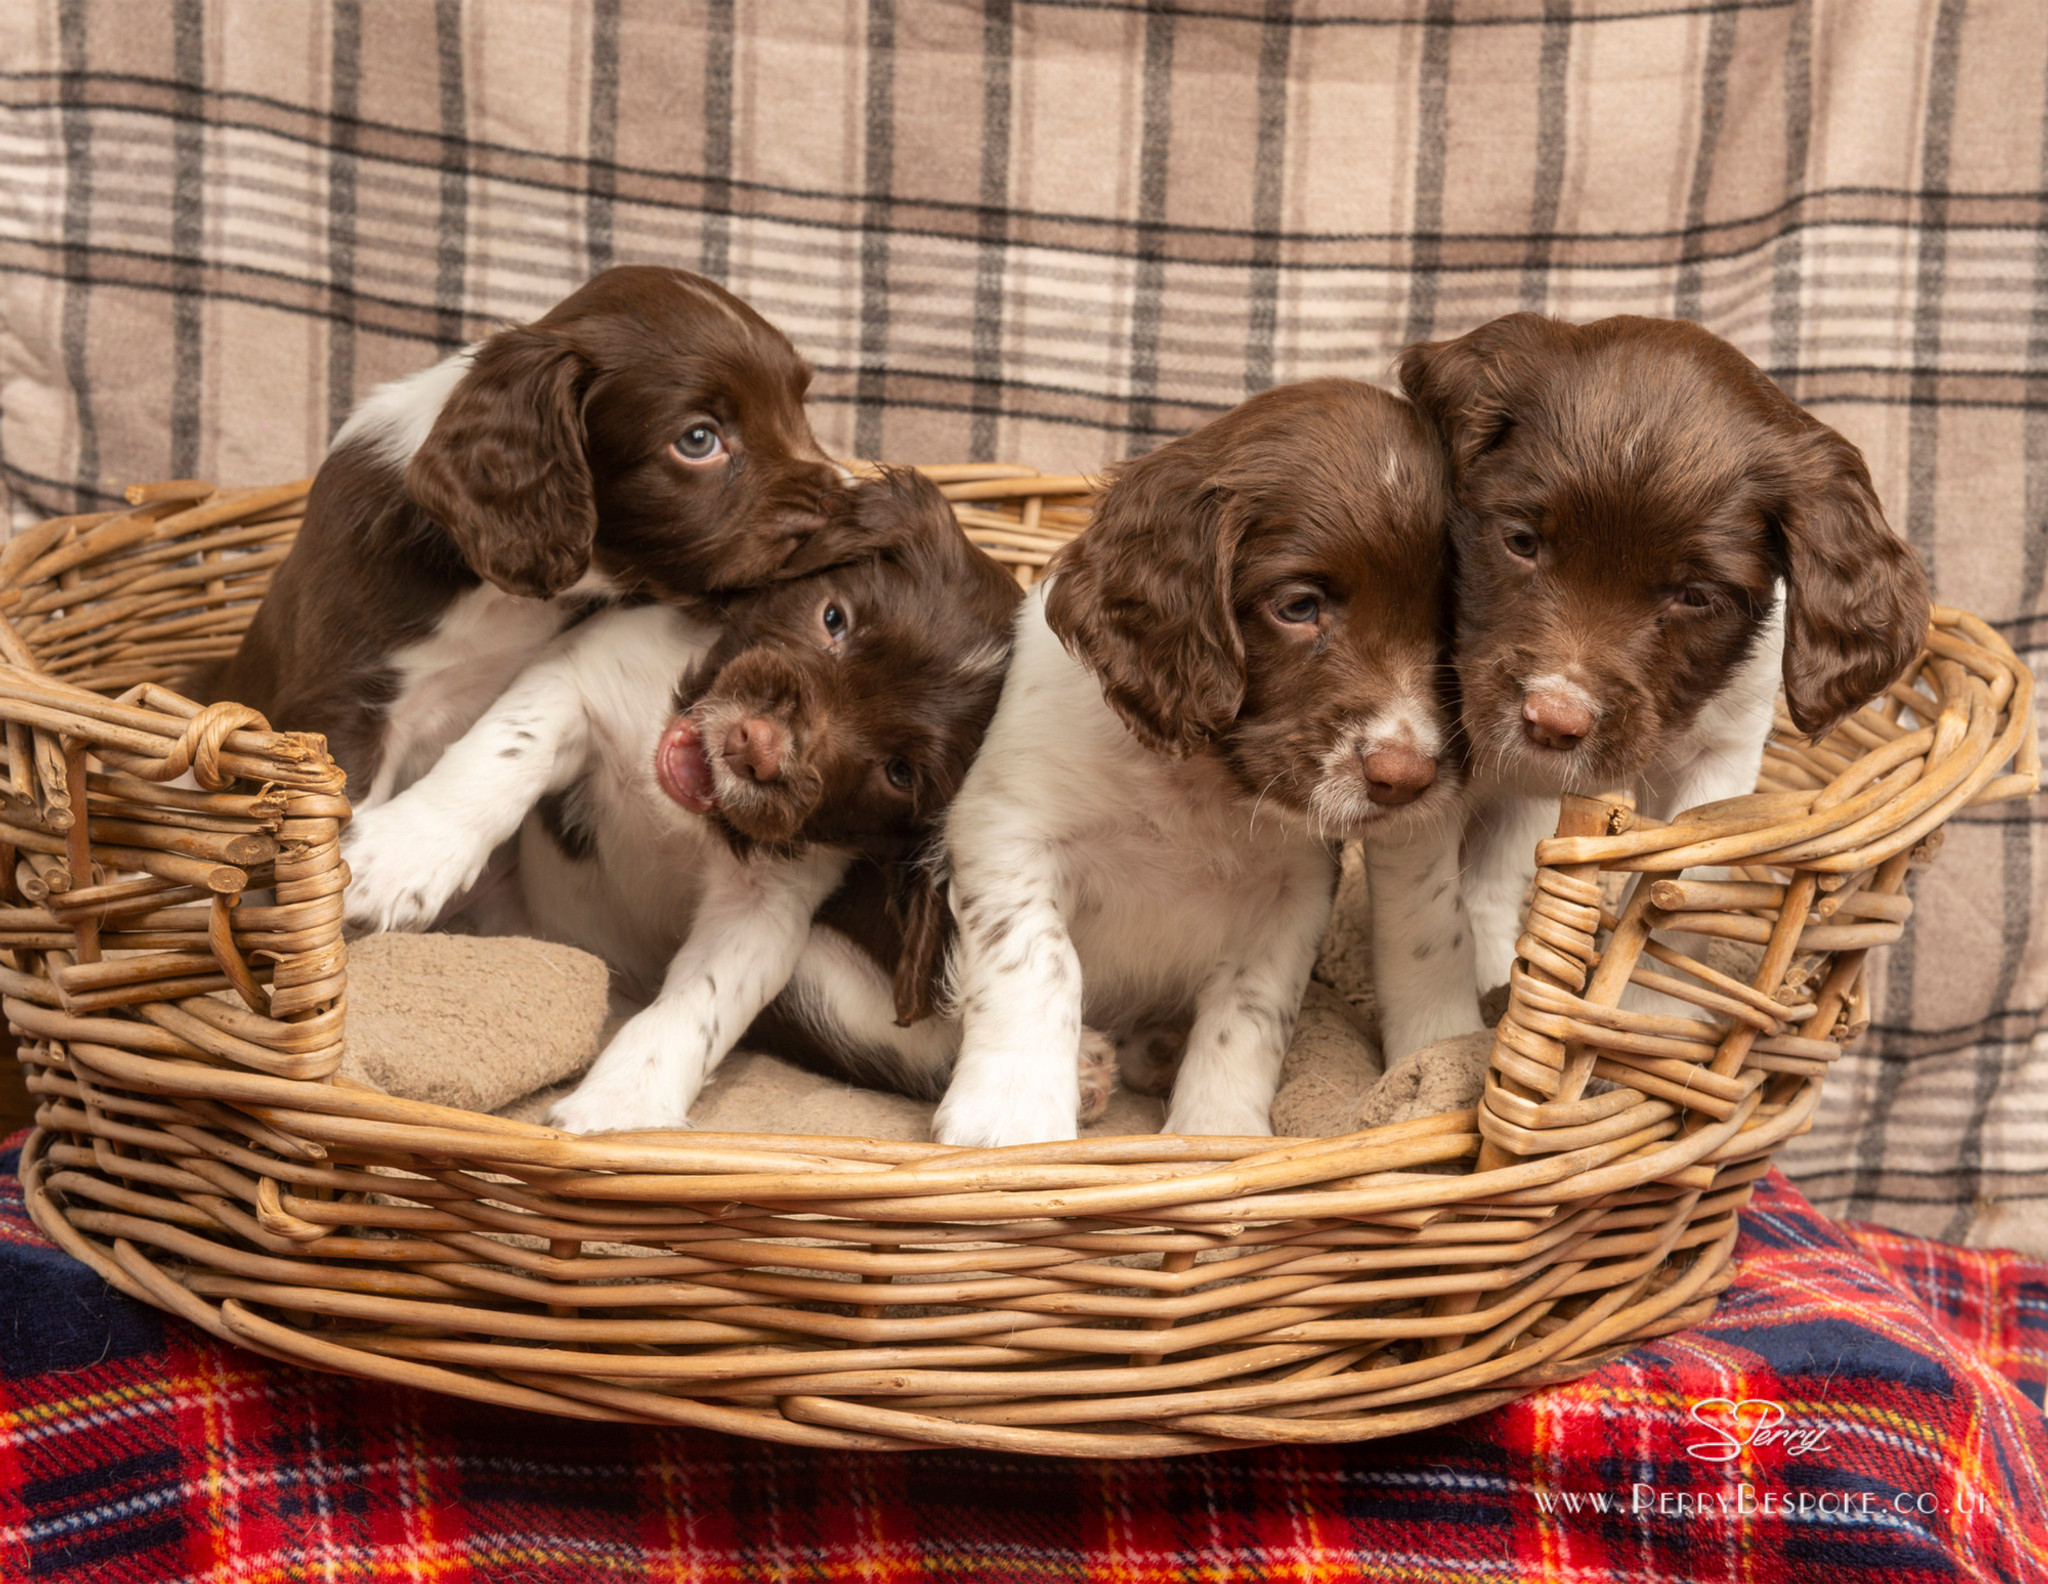 Thursday Puppy Training & Socialisation